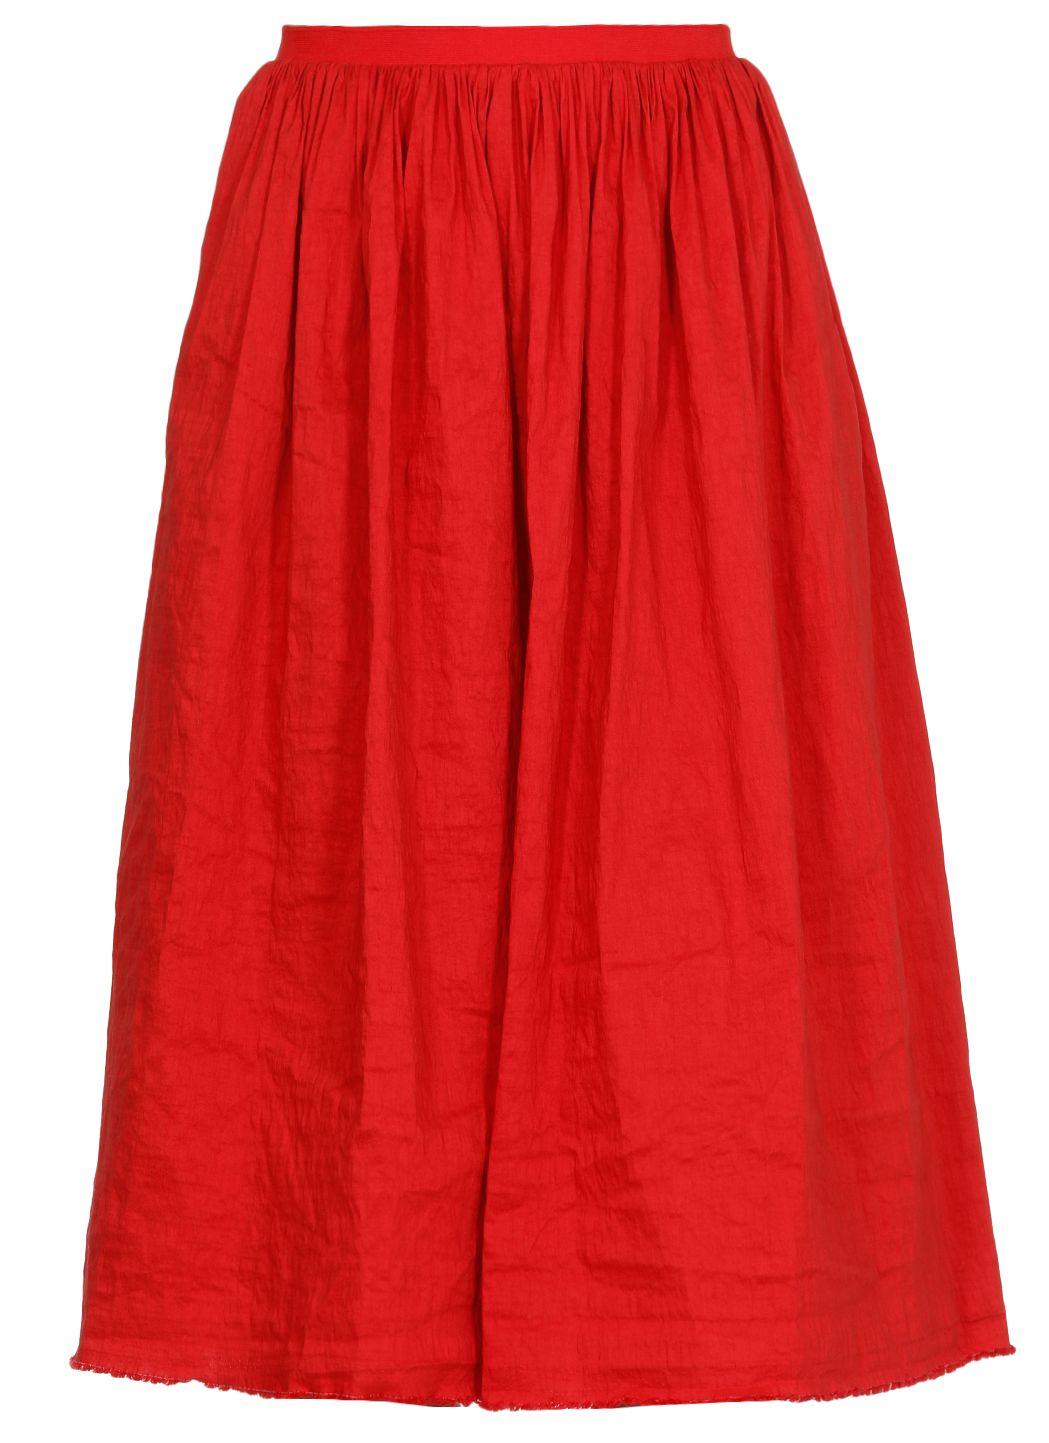 Gilian Skirt